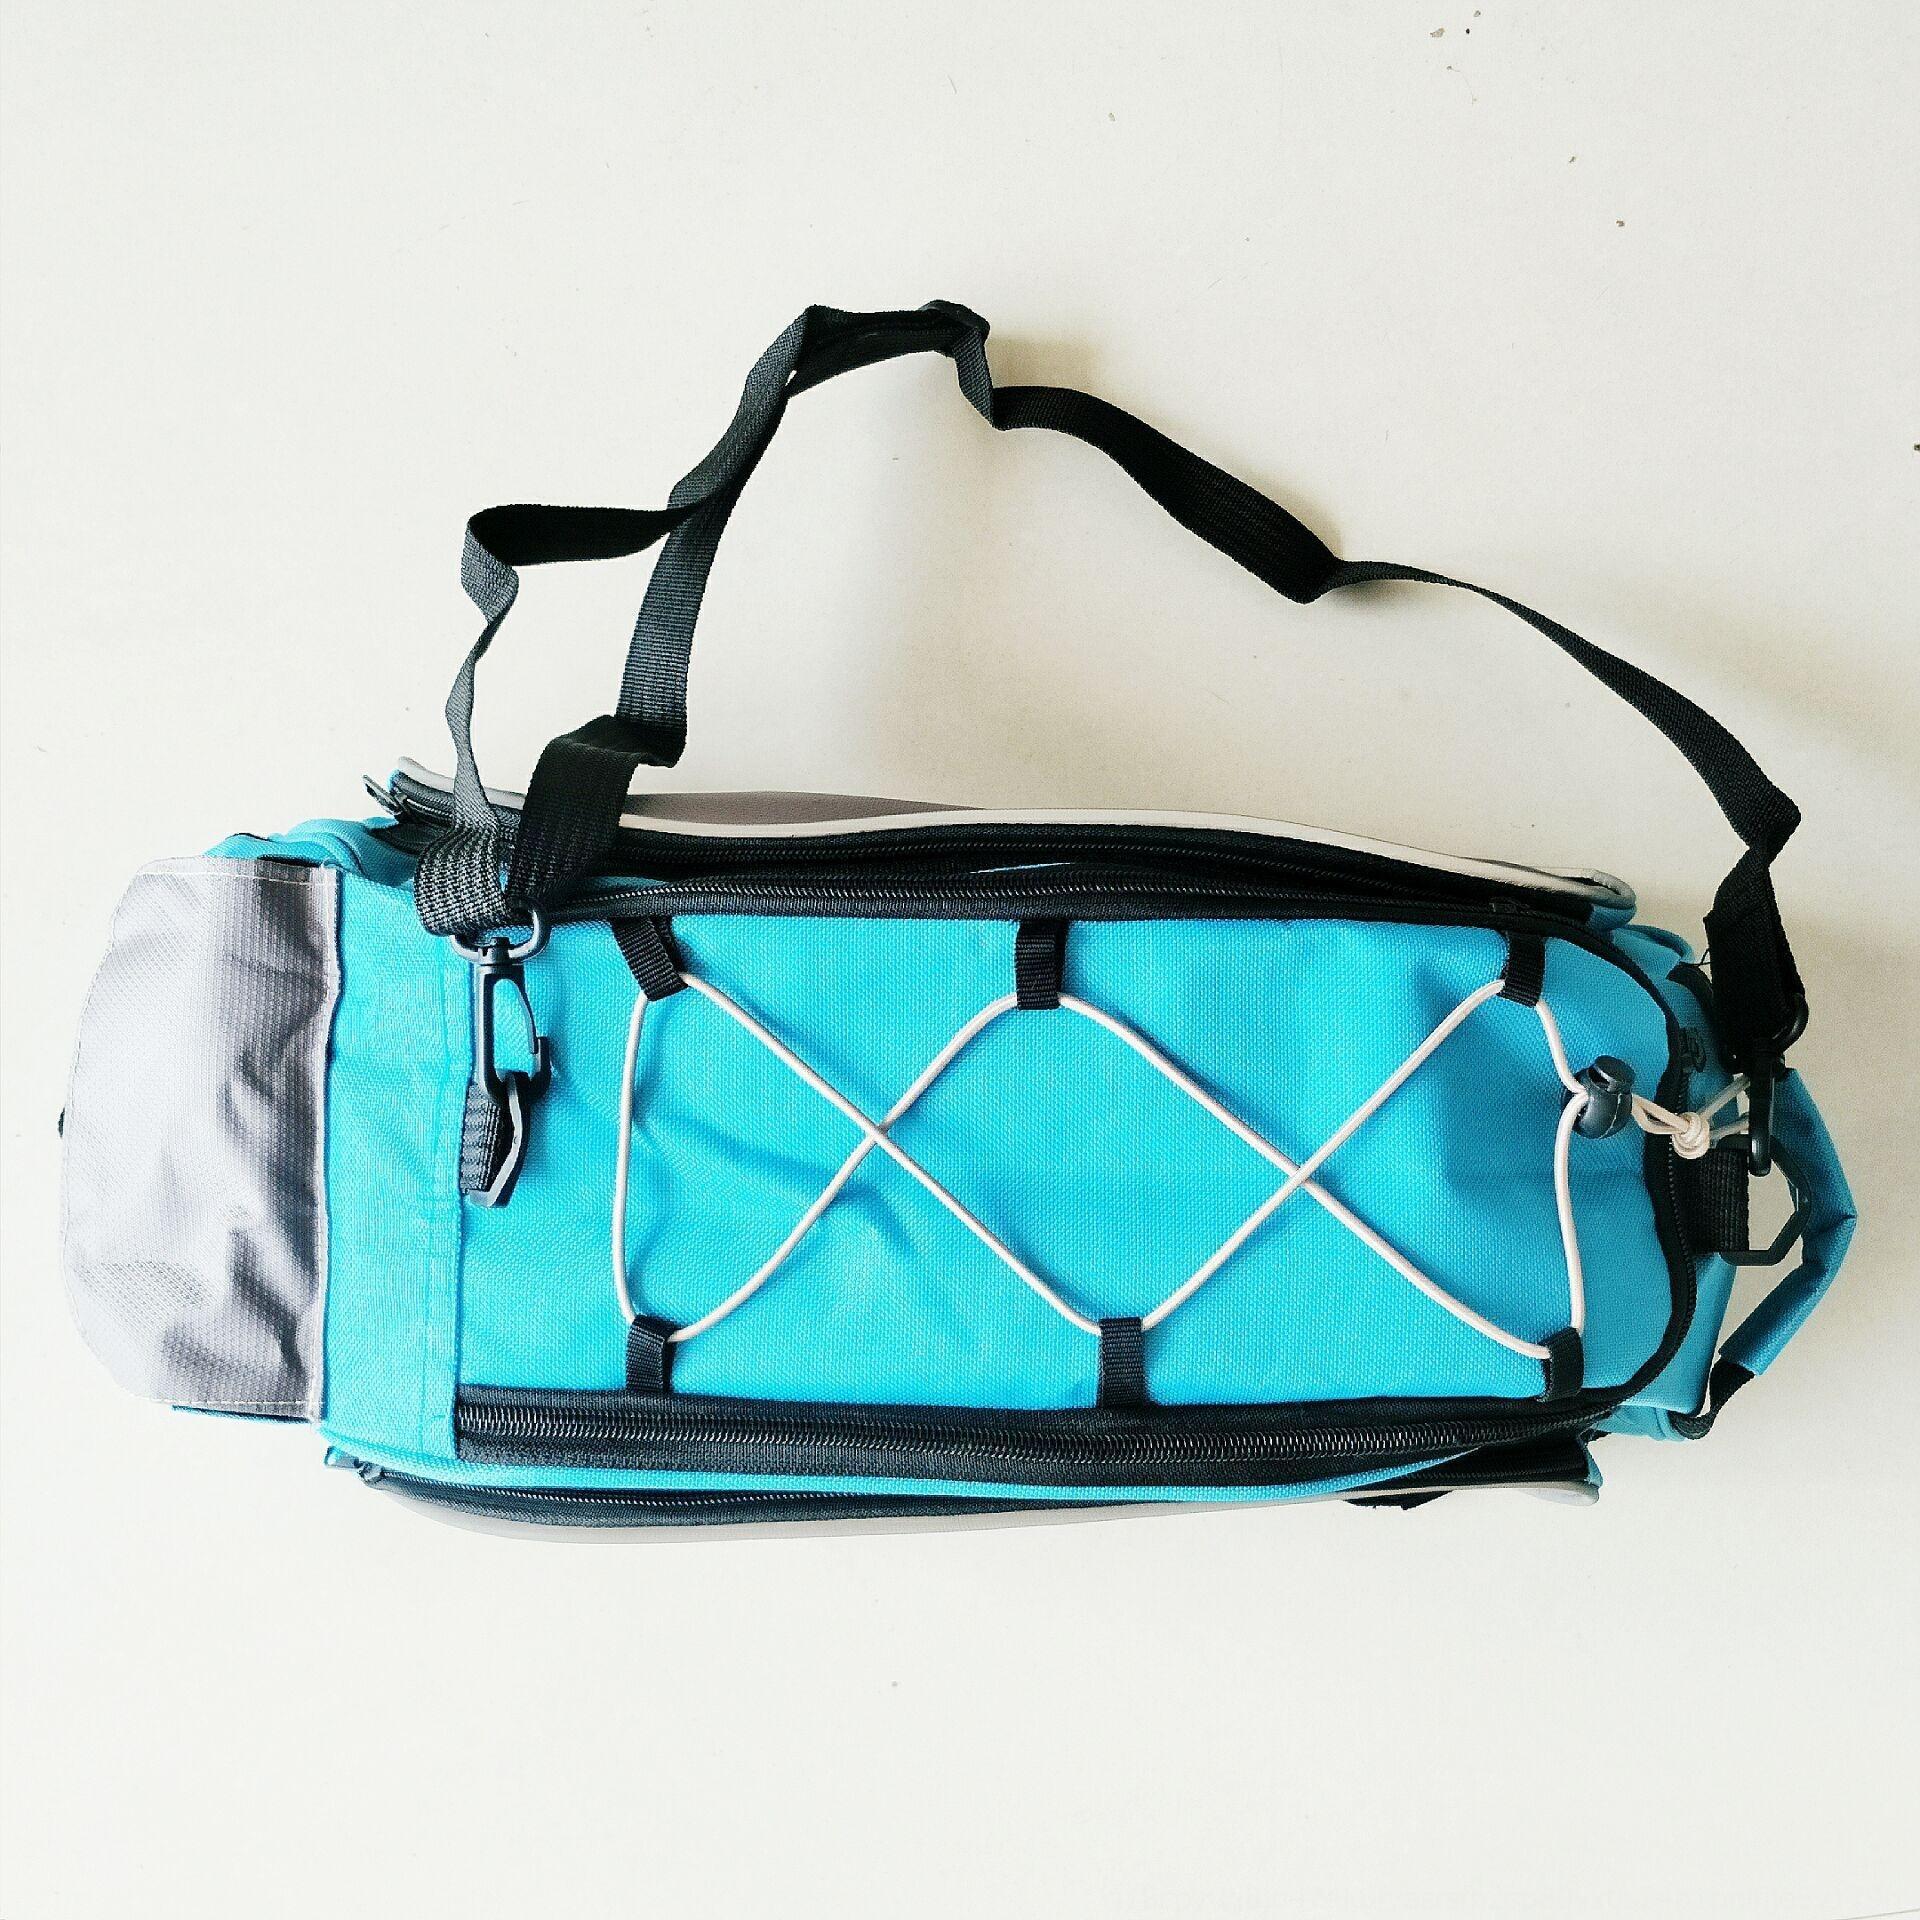 posteriore zaino grande borsa sacchetto mensola della bicicletta attrezzature zaino da viaggio in bicicletta a cavallo